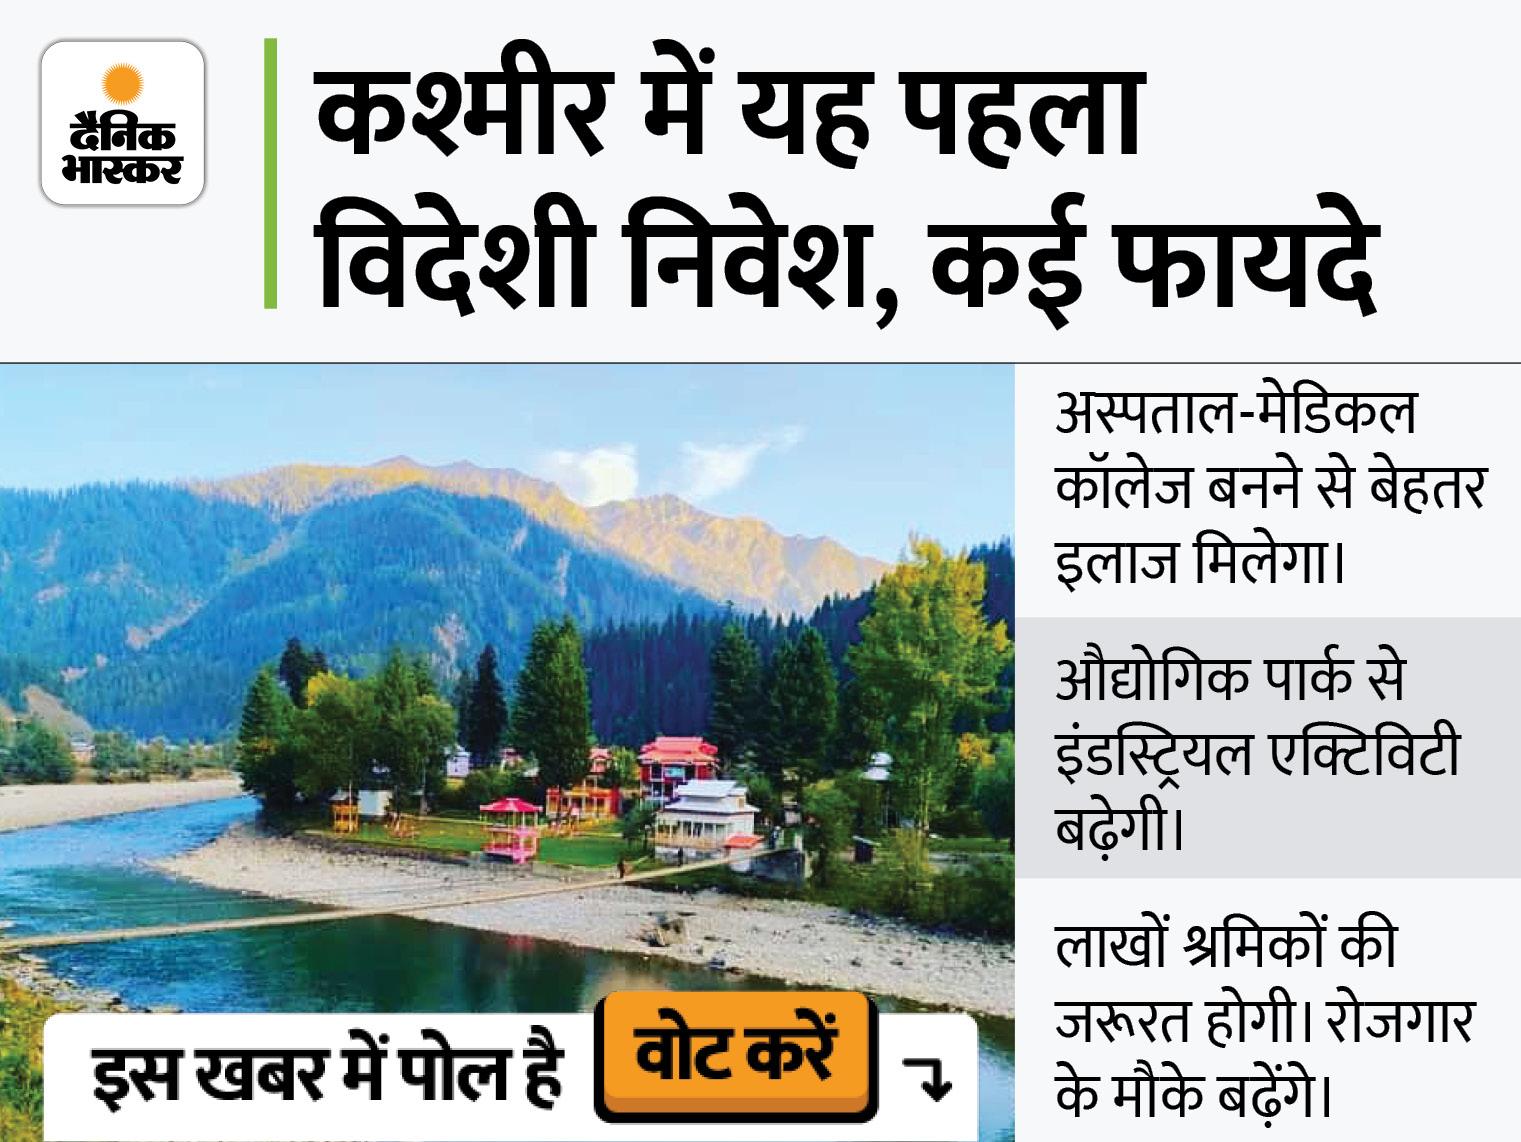 दुबई कश्मीर में करेगा निवेश; IT टावर, लॉजिस्टिक पार्क और मेडिकल कॉलेज बनाएगा विदेश,International - Dainik Bhaskar